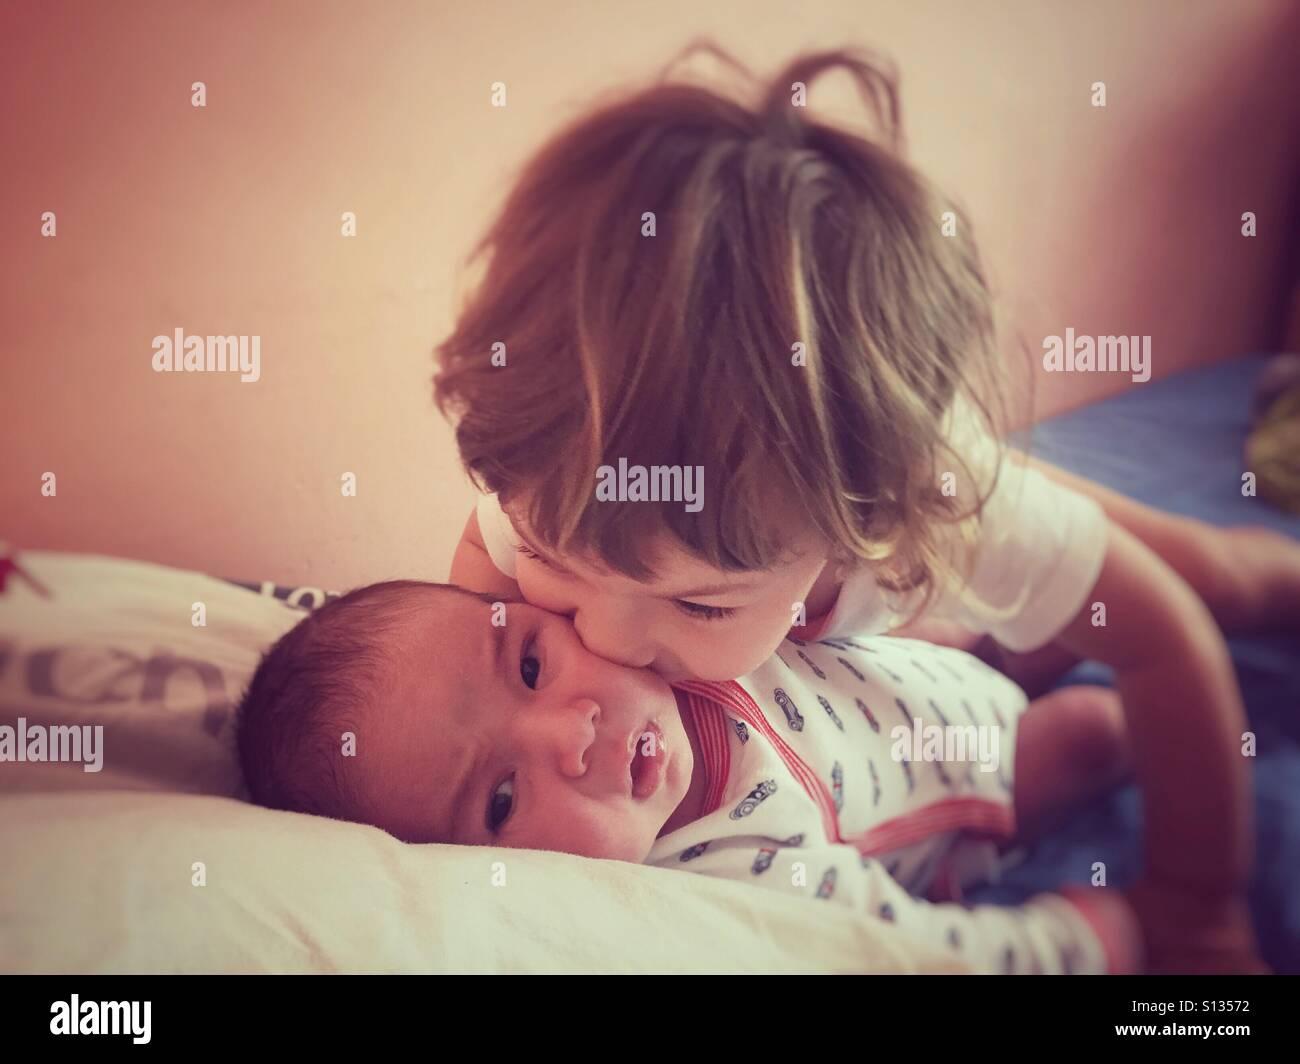 Suor baciare il fratello Immagini Stock